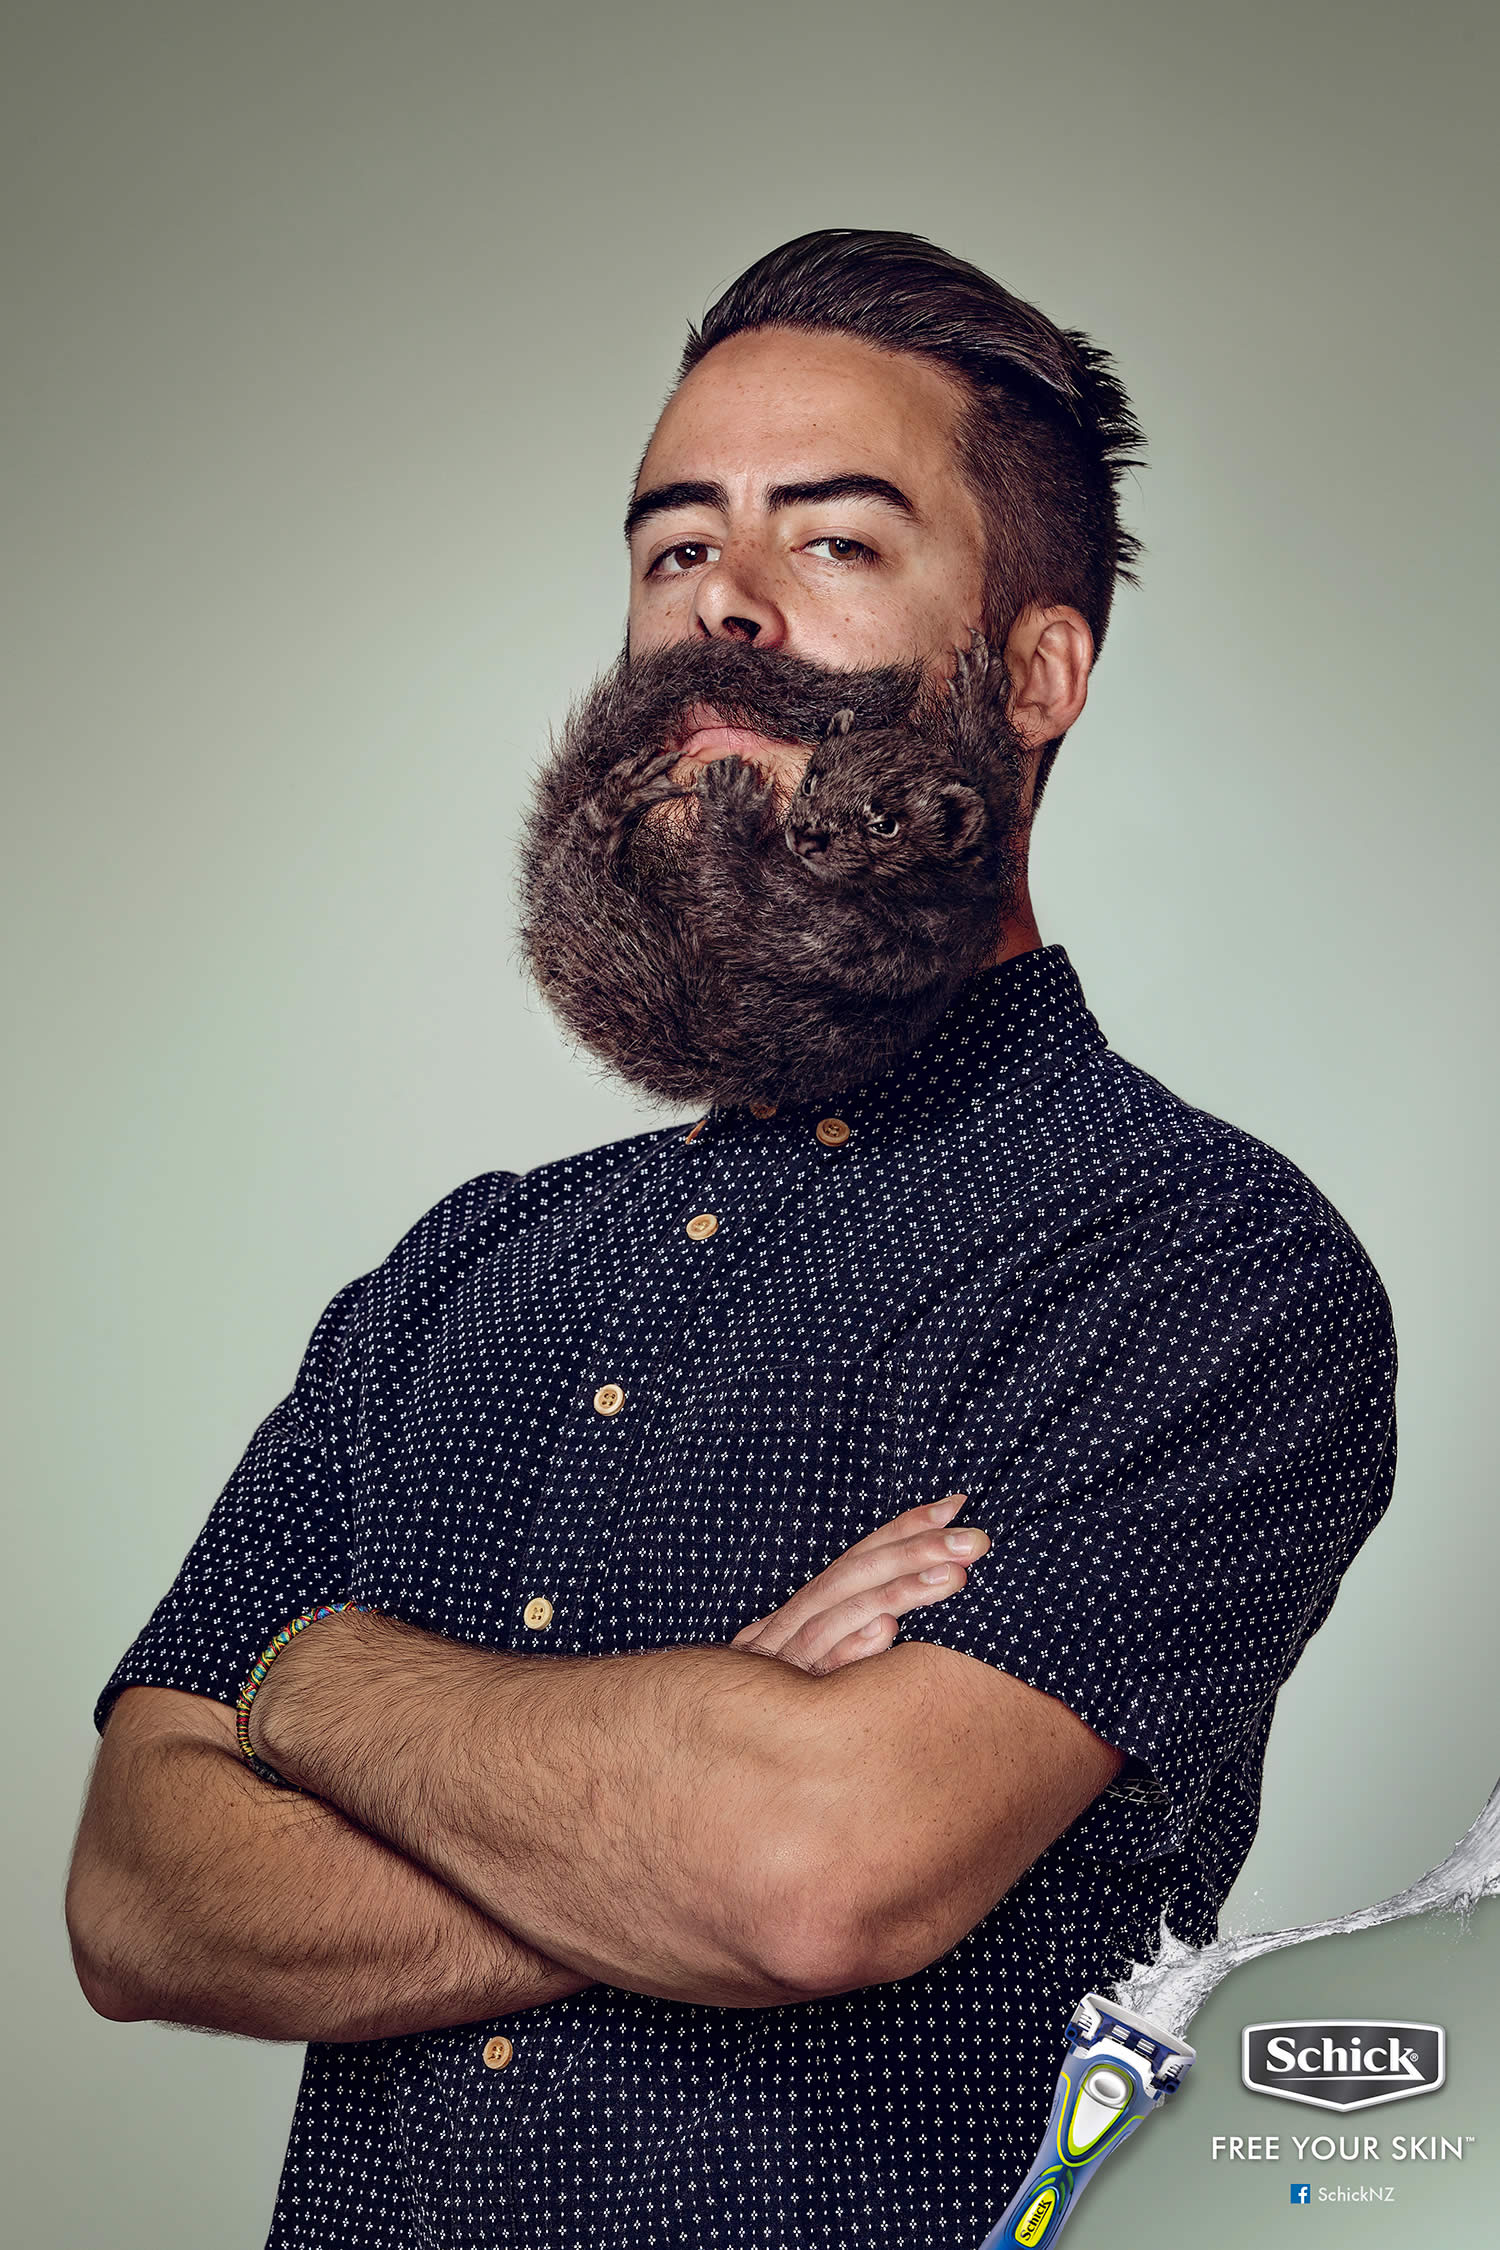 Борода в тренде? Креативная реклама Schick